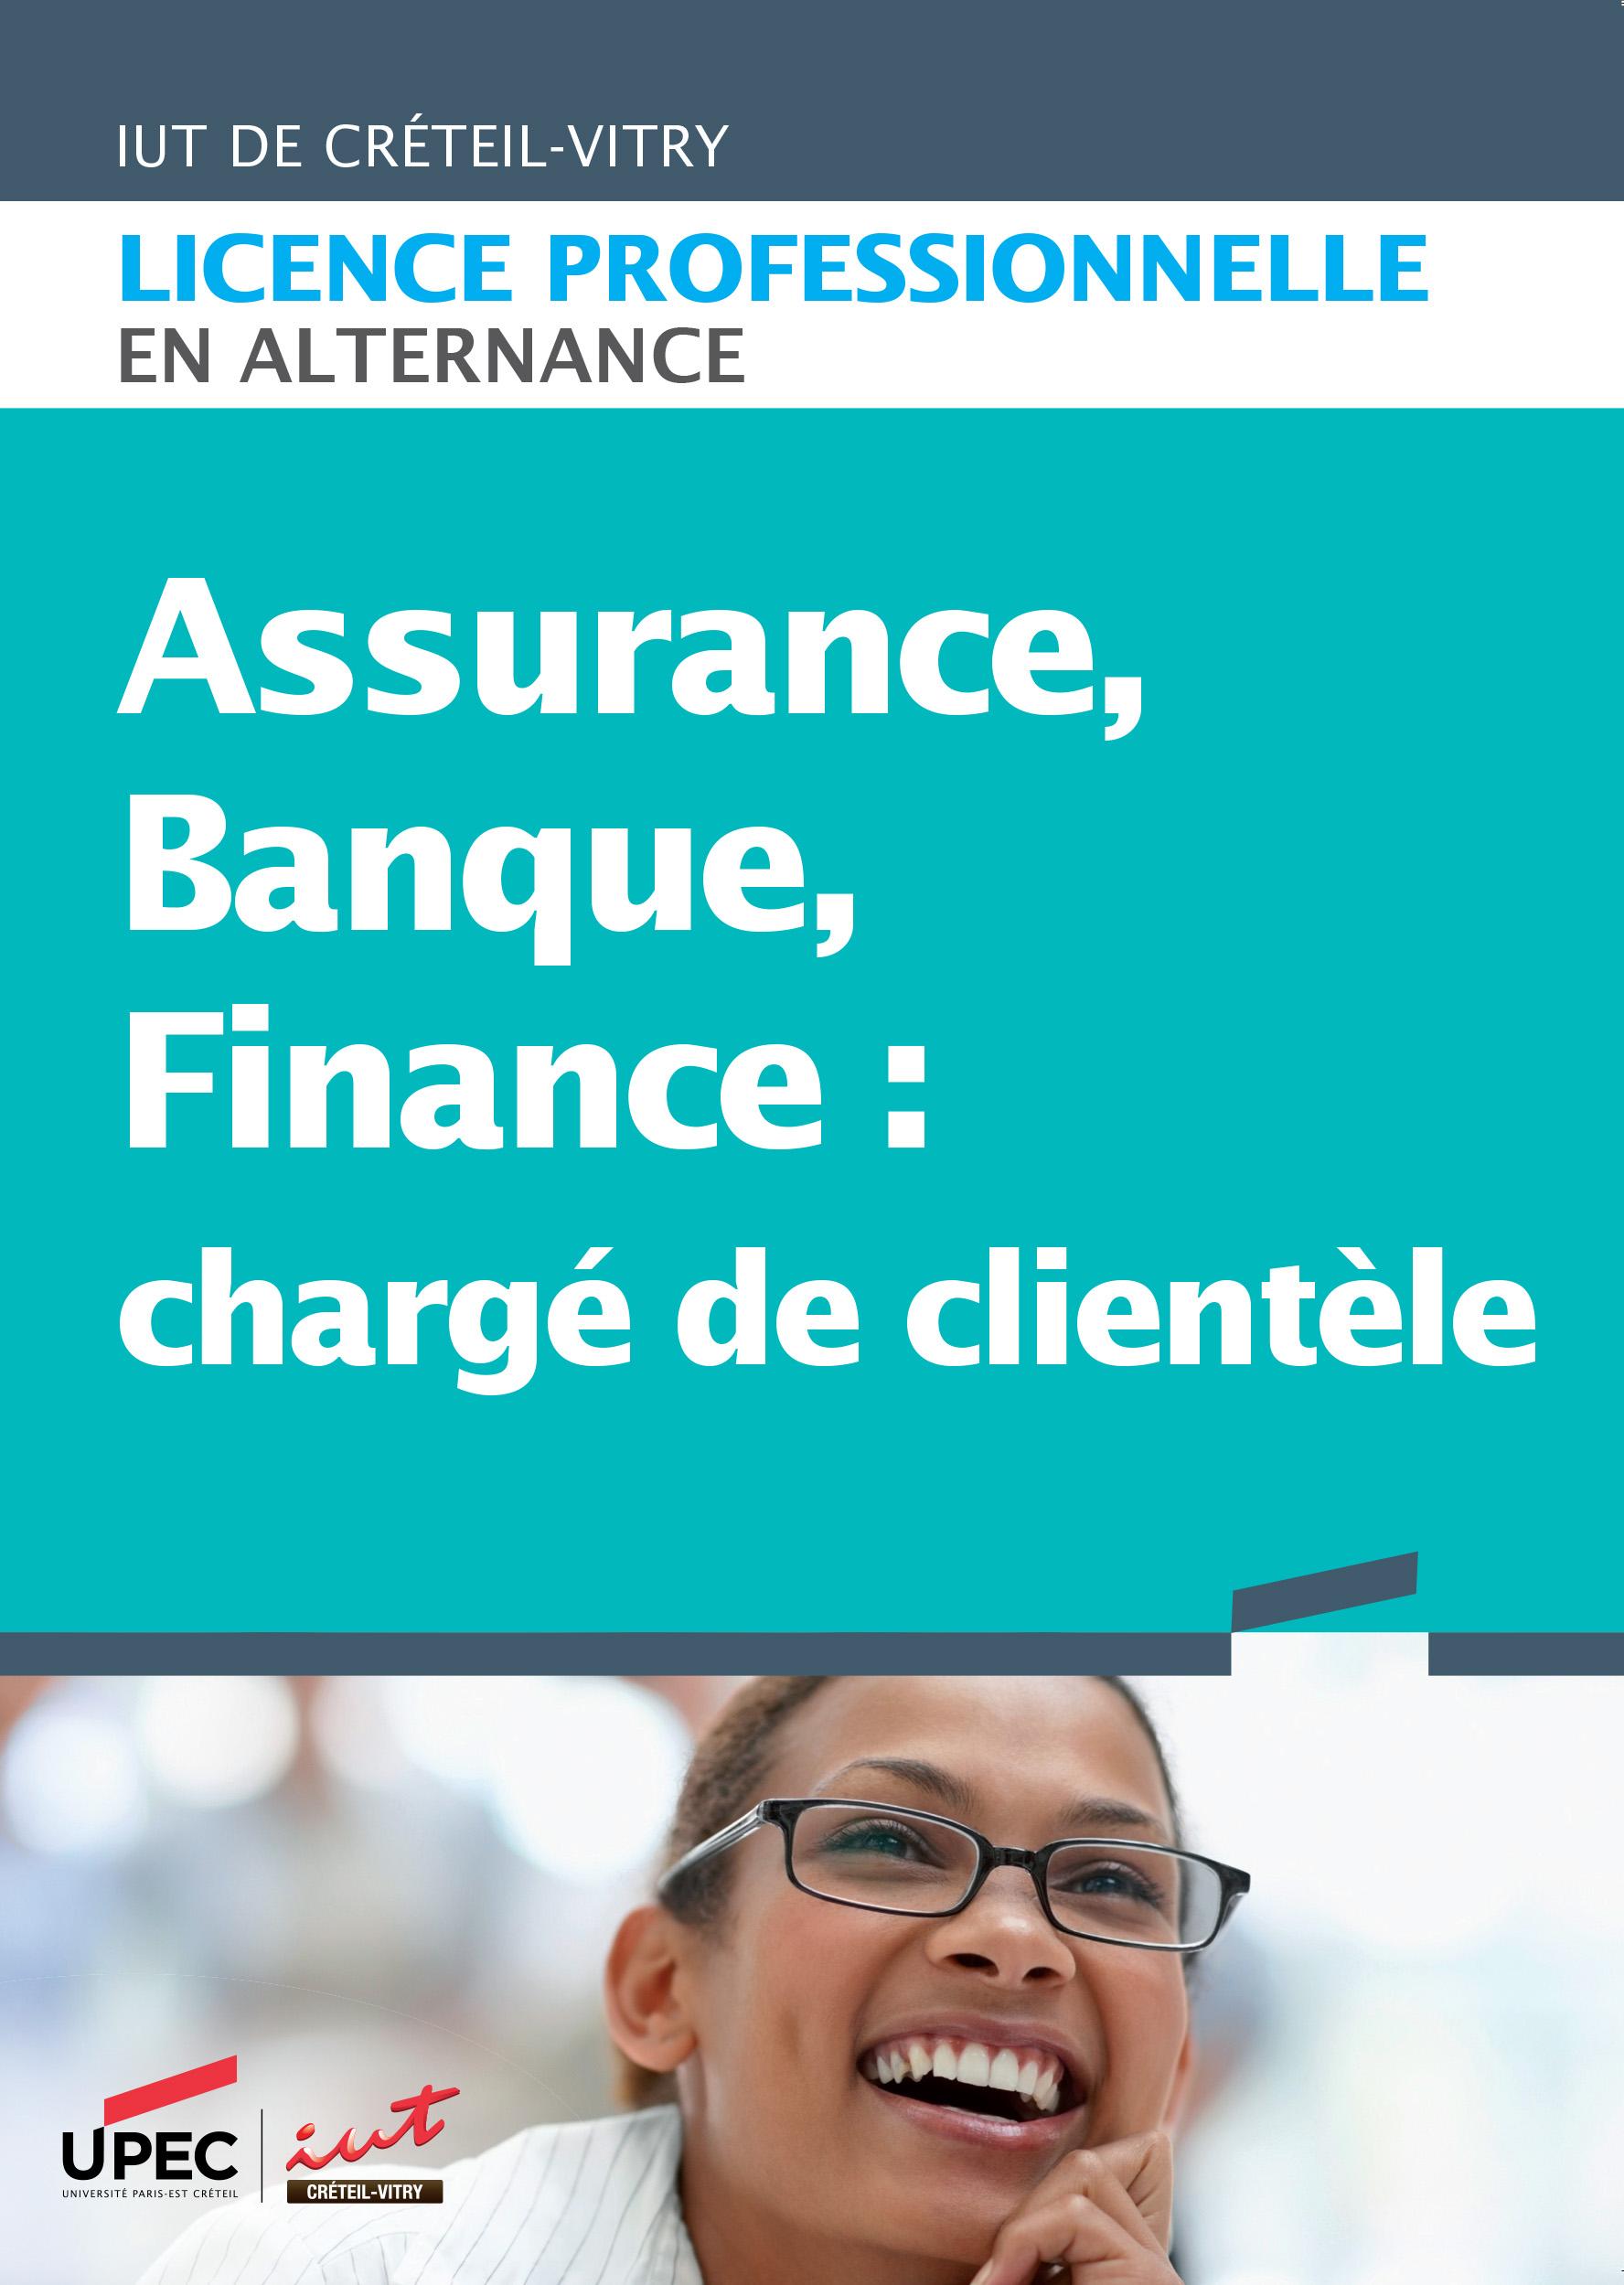 Visuel plaquette licence professionnelle Assurance, banque, finance : chargé de clientèle